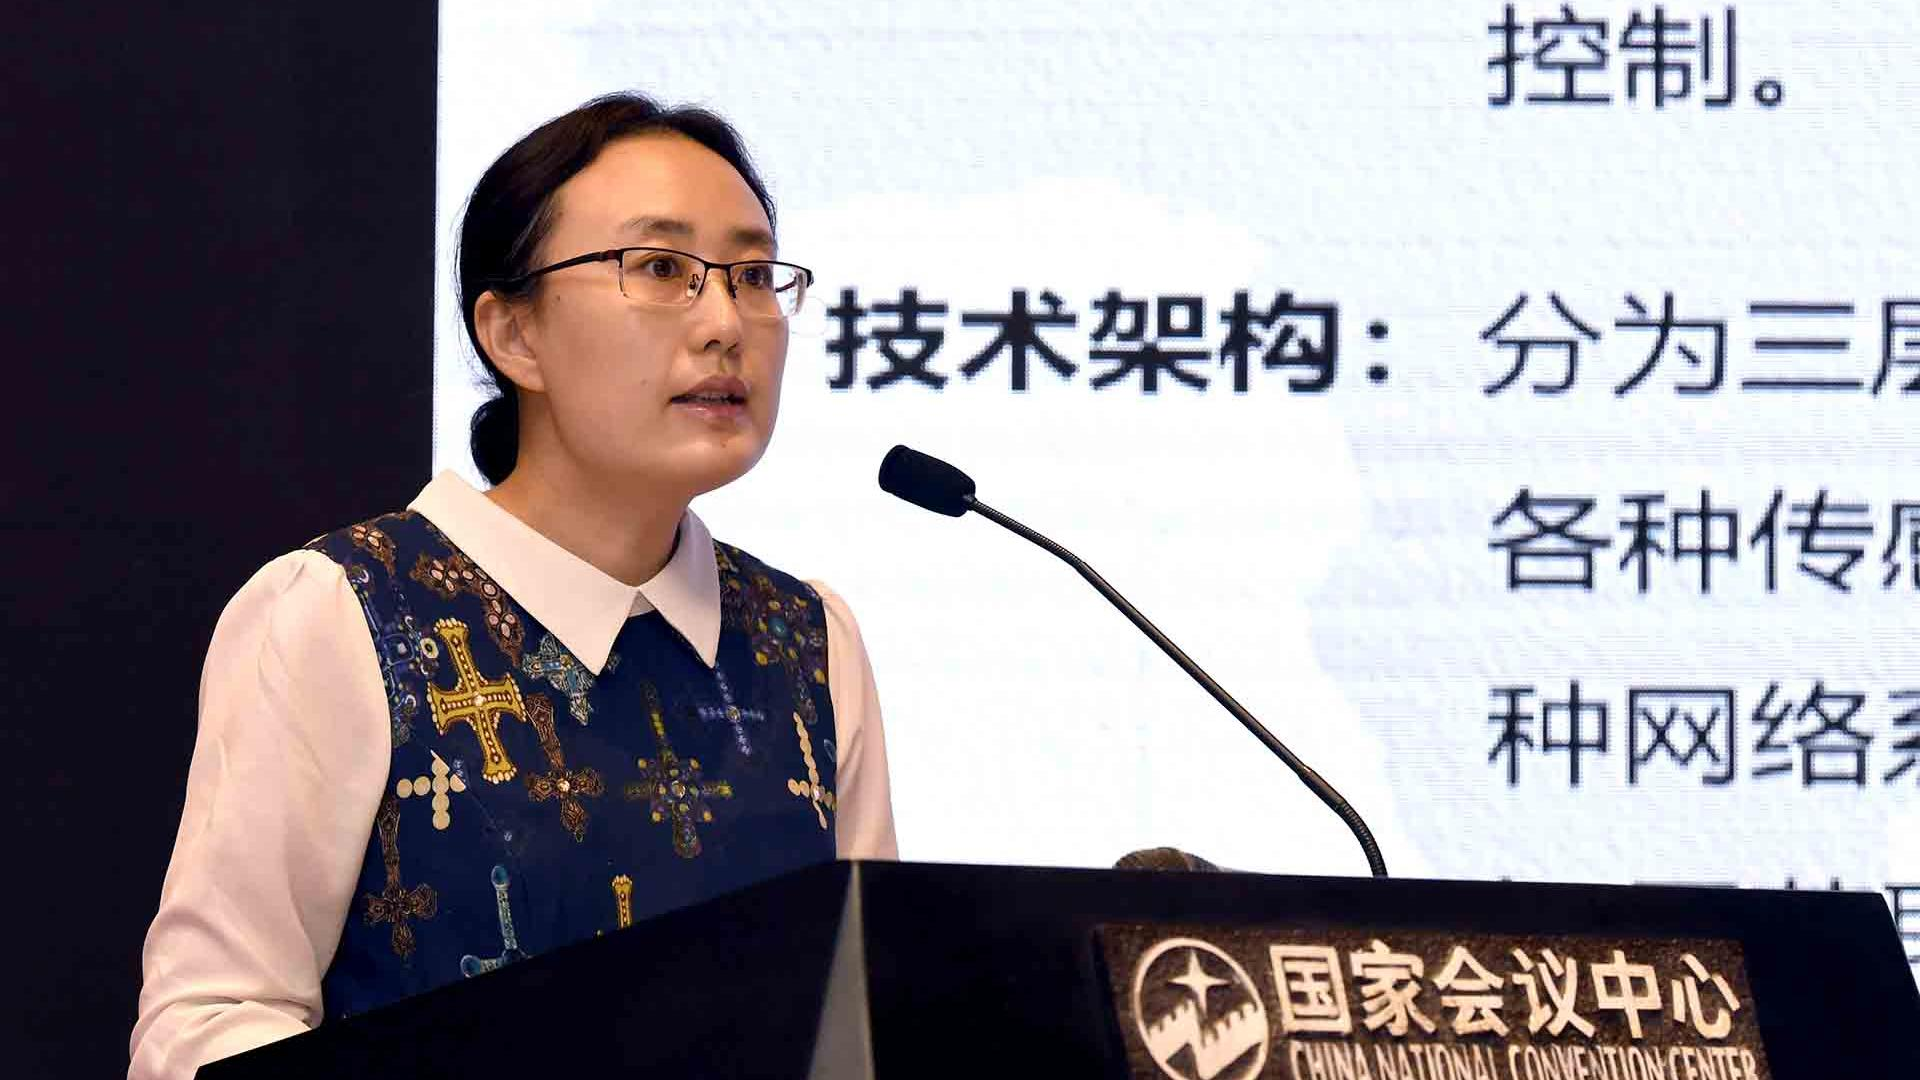 中国建设银行赵洁发表演讲